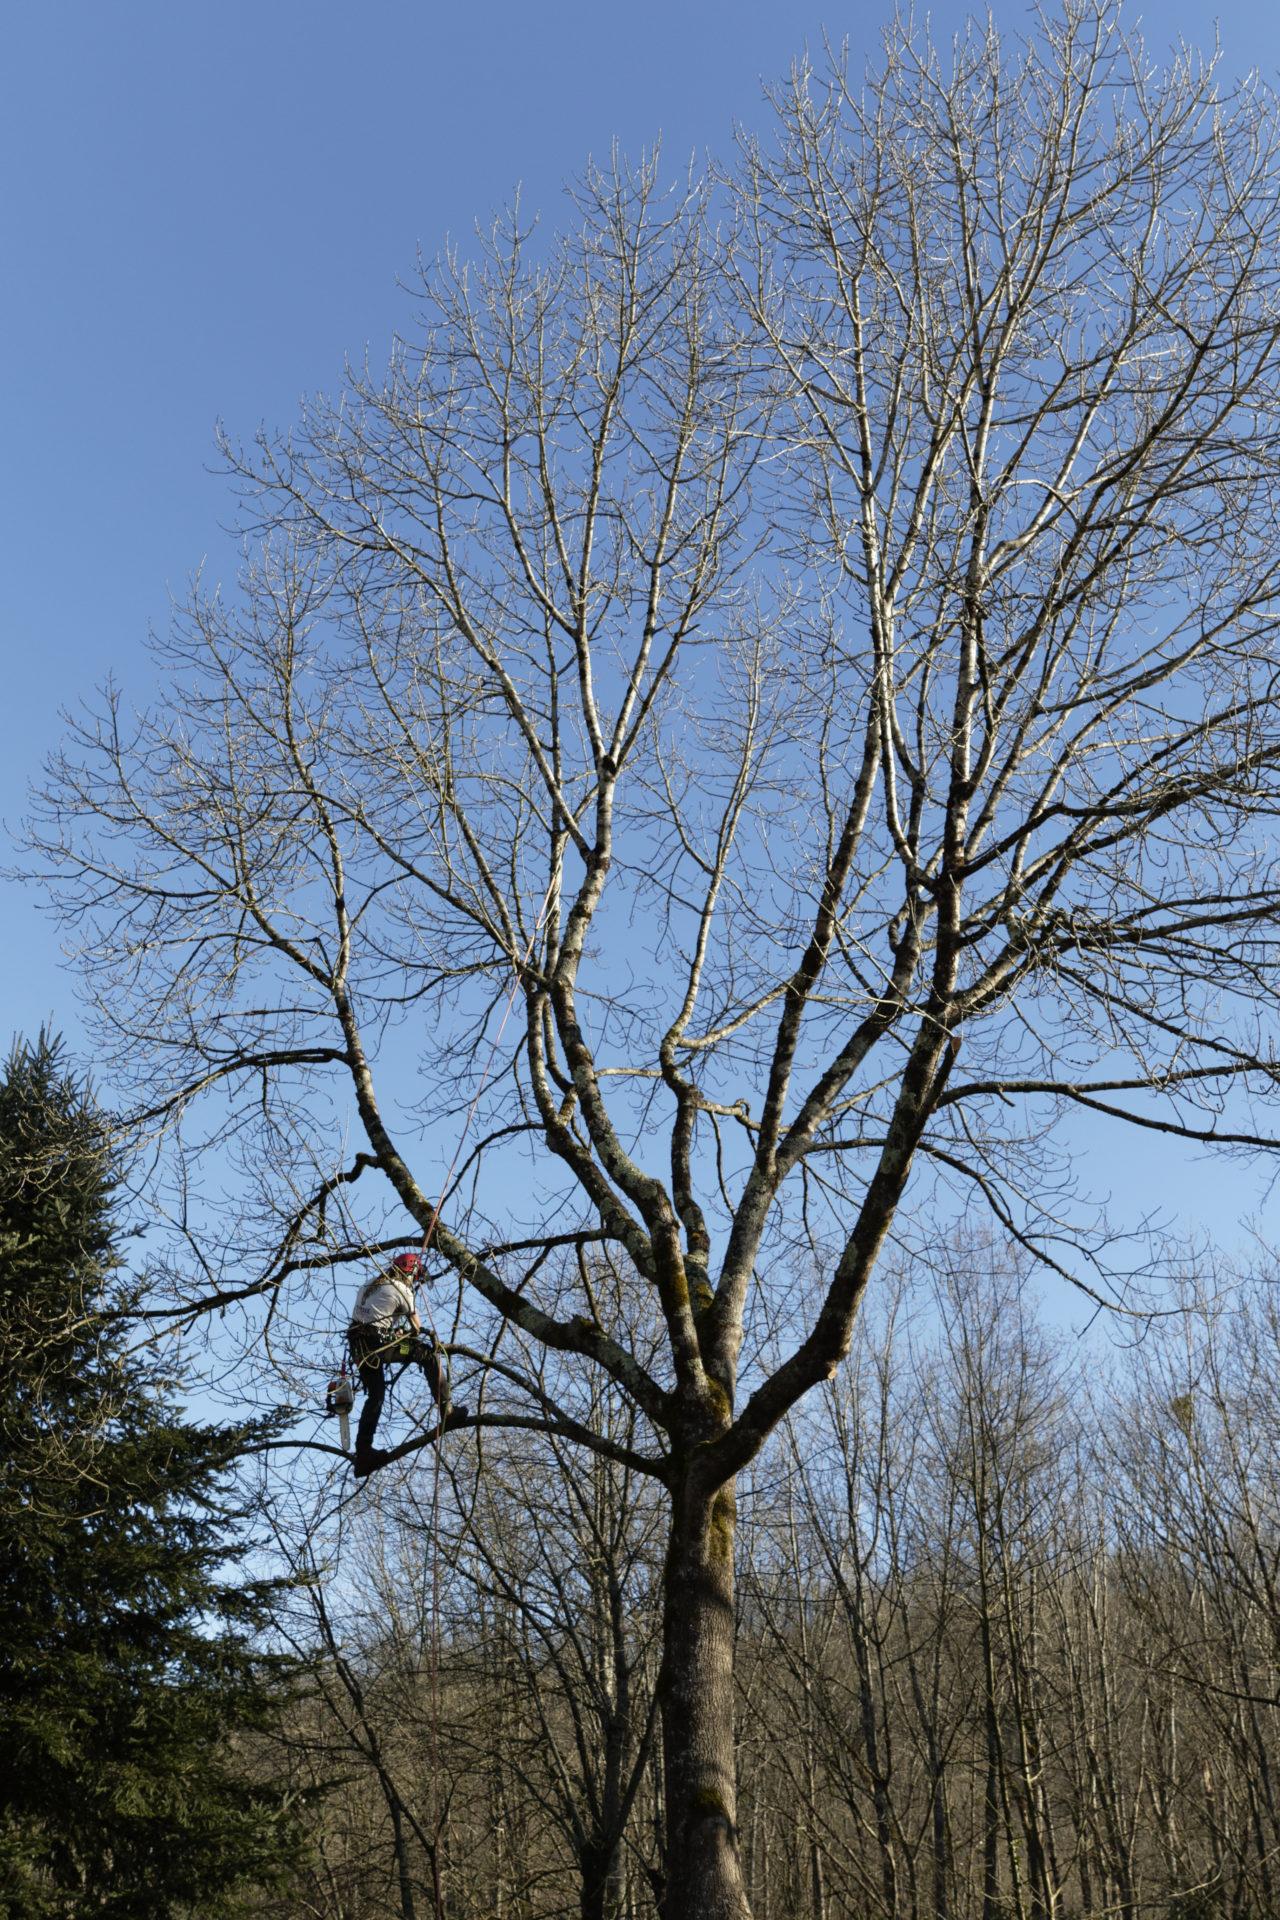 Doctor tree, Taille d'éclaircissement sur un frene.